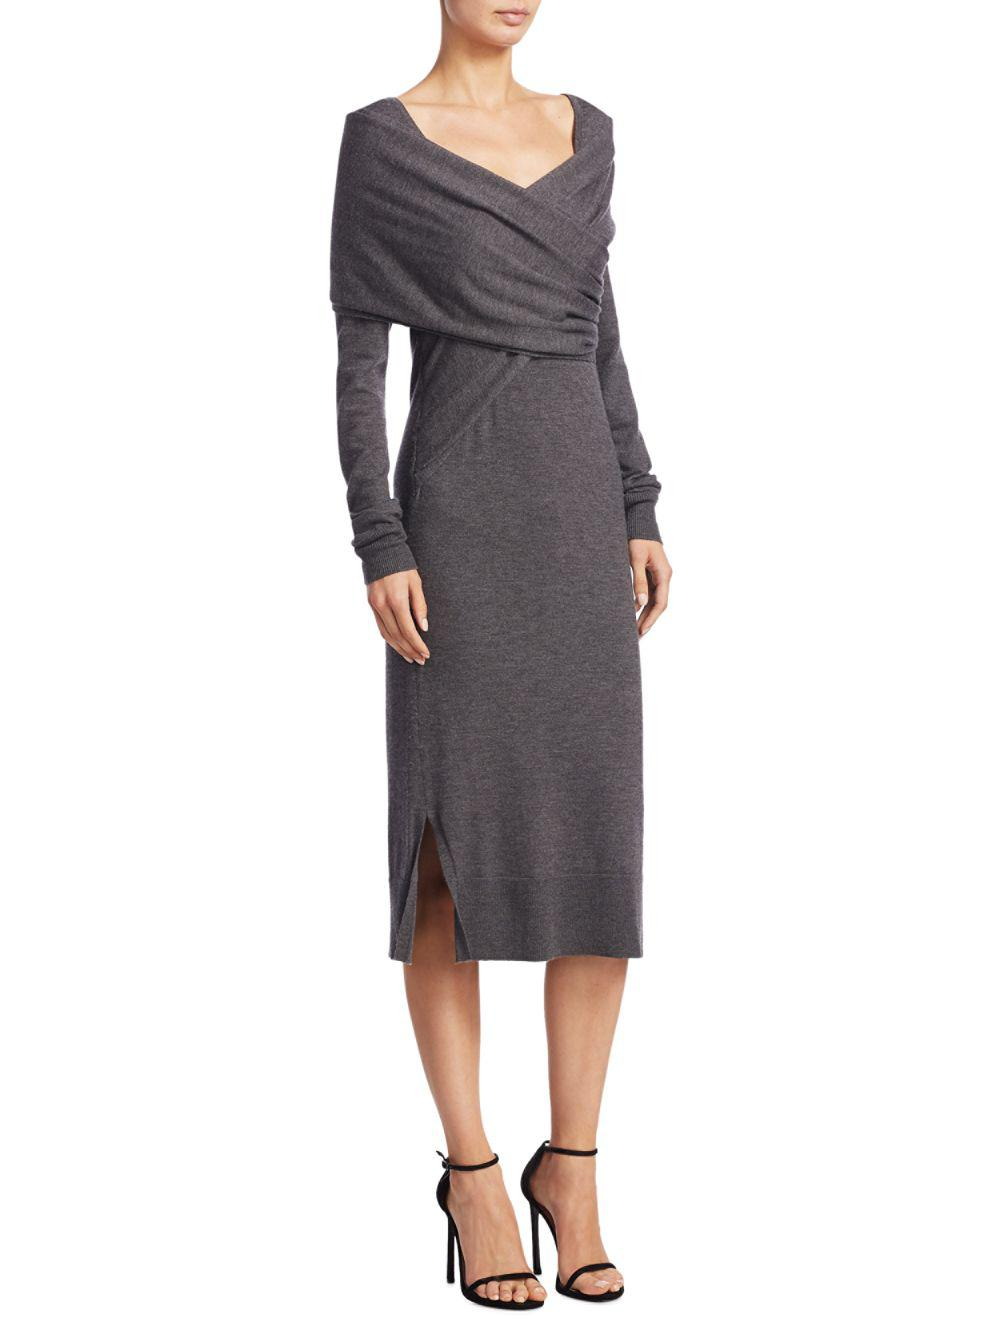 ff65c812575da Lyst - Donna Karan Wrap-front Dress in Gray